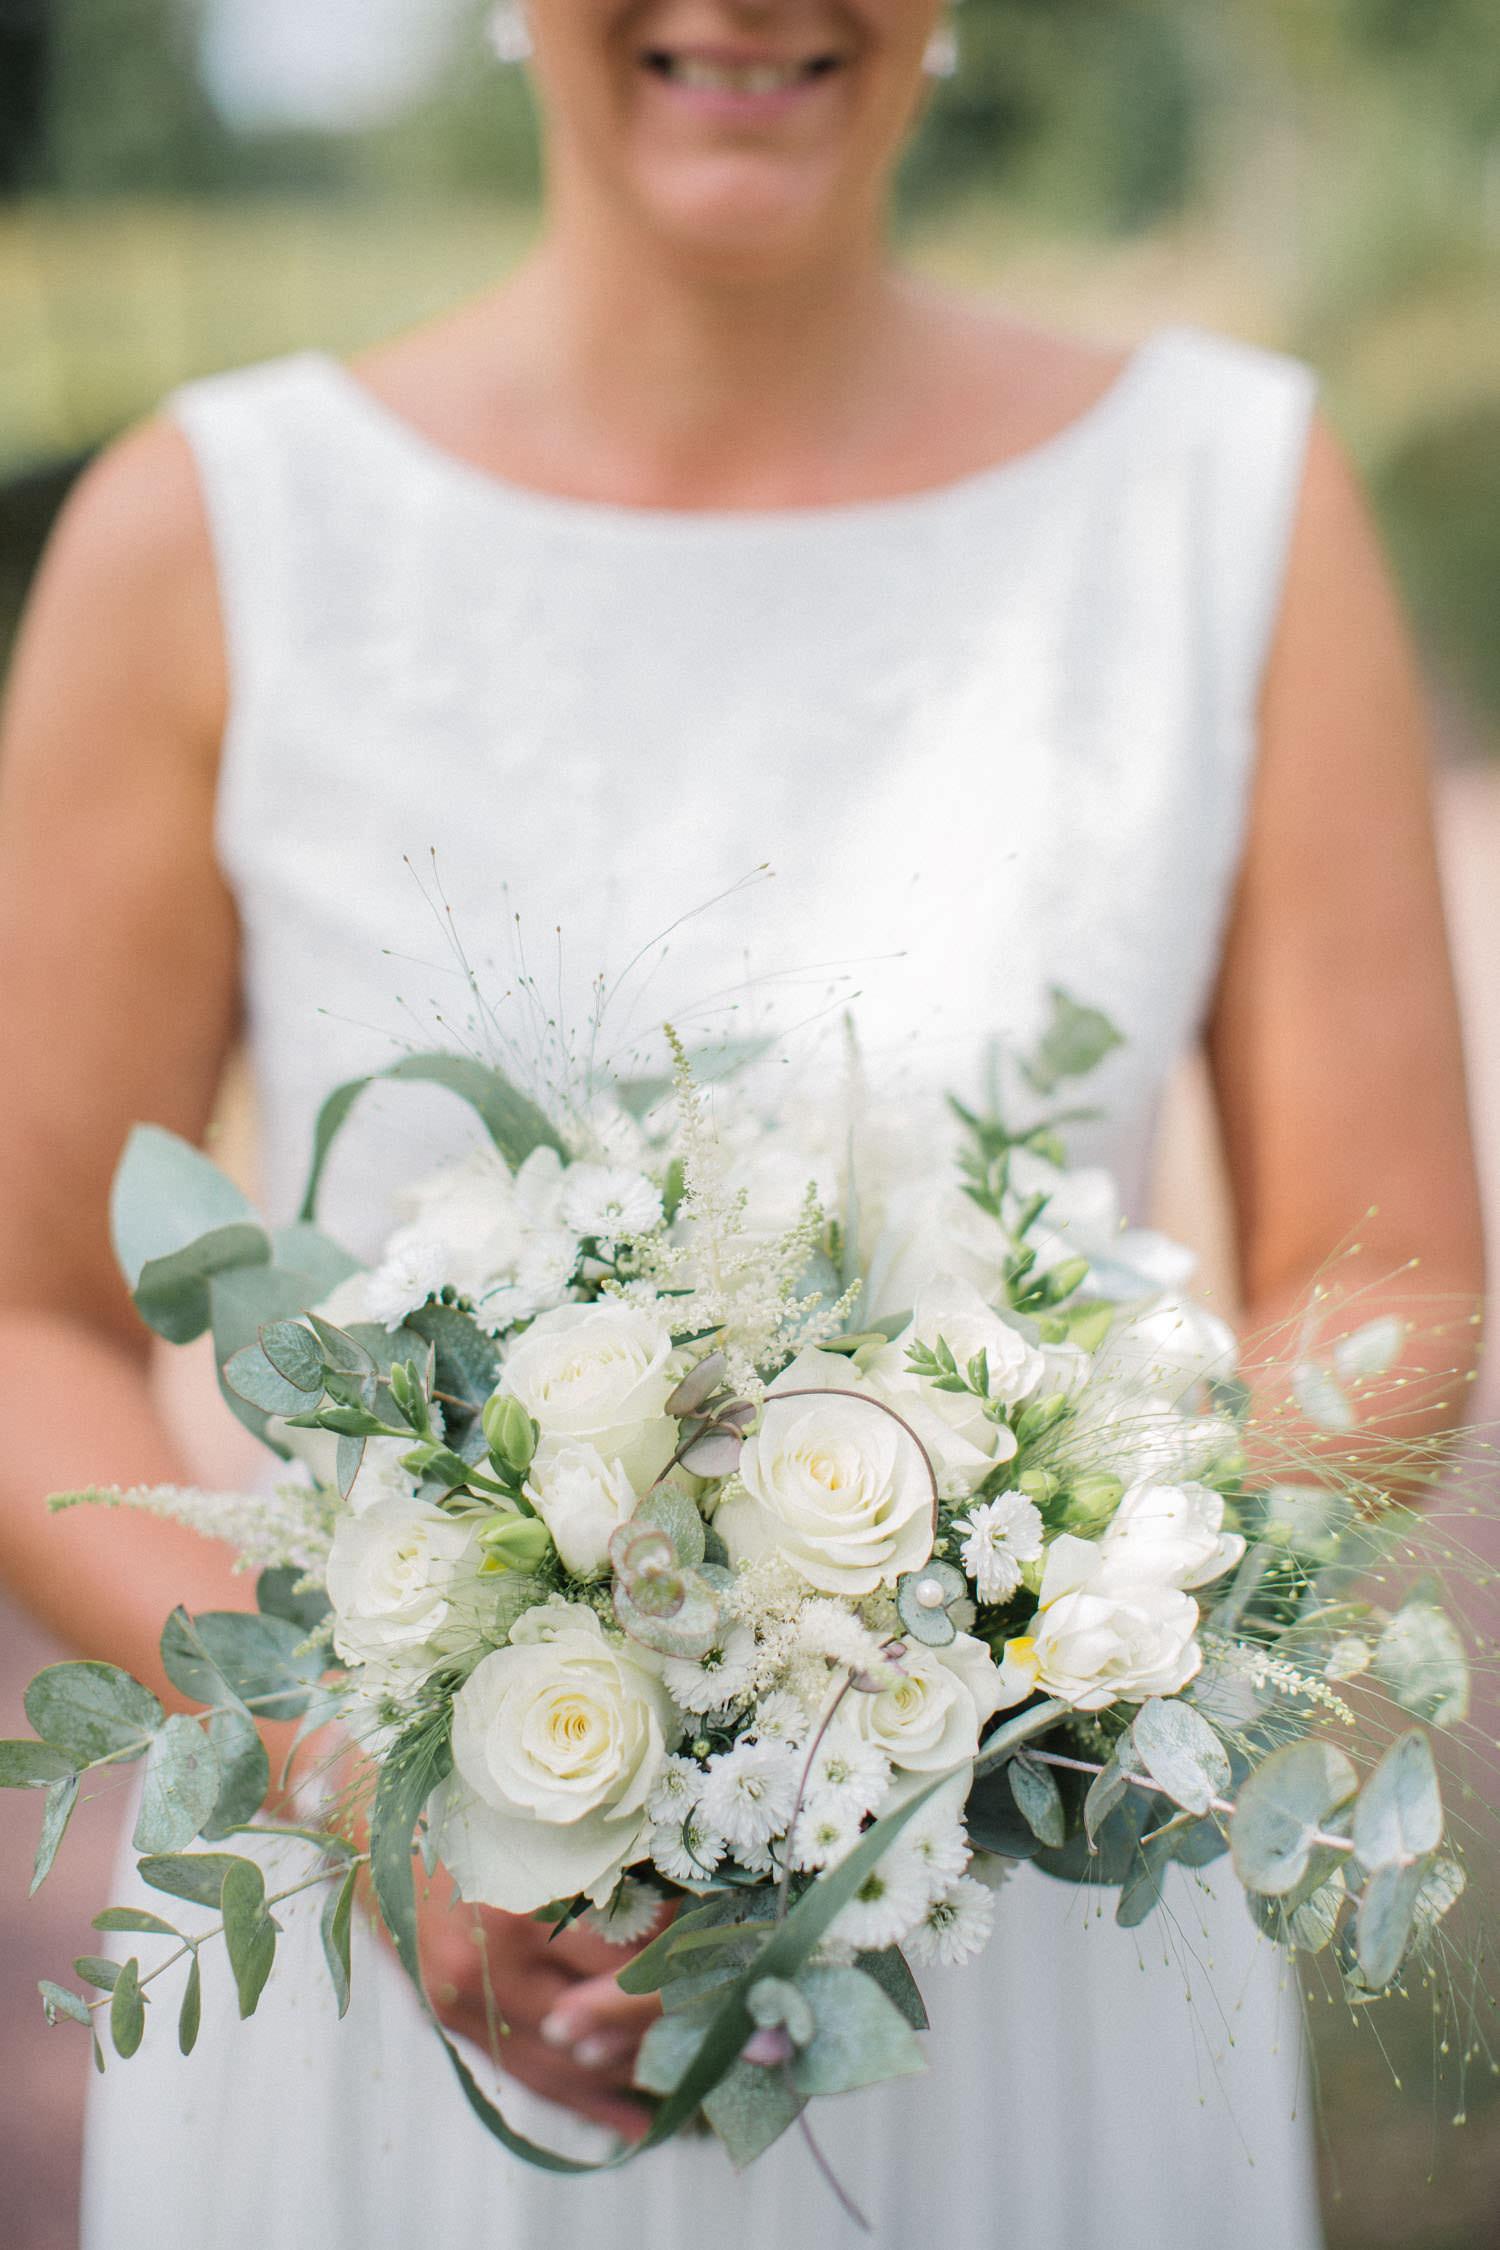 Brudklänning från Sofia Moore, brudbukett från Butik Majne, Oskarshamn. Bröllop i Mönsterås, fotograf är Tove Lundquist.